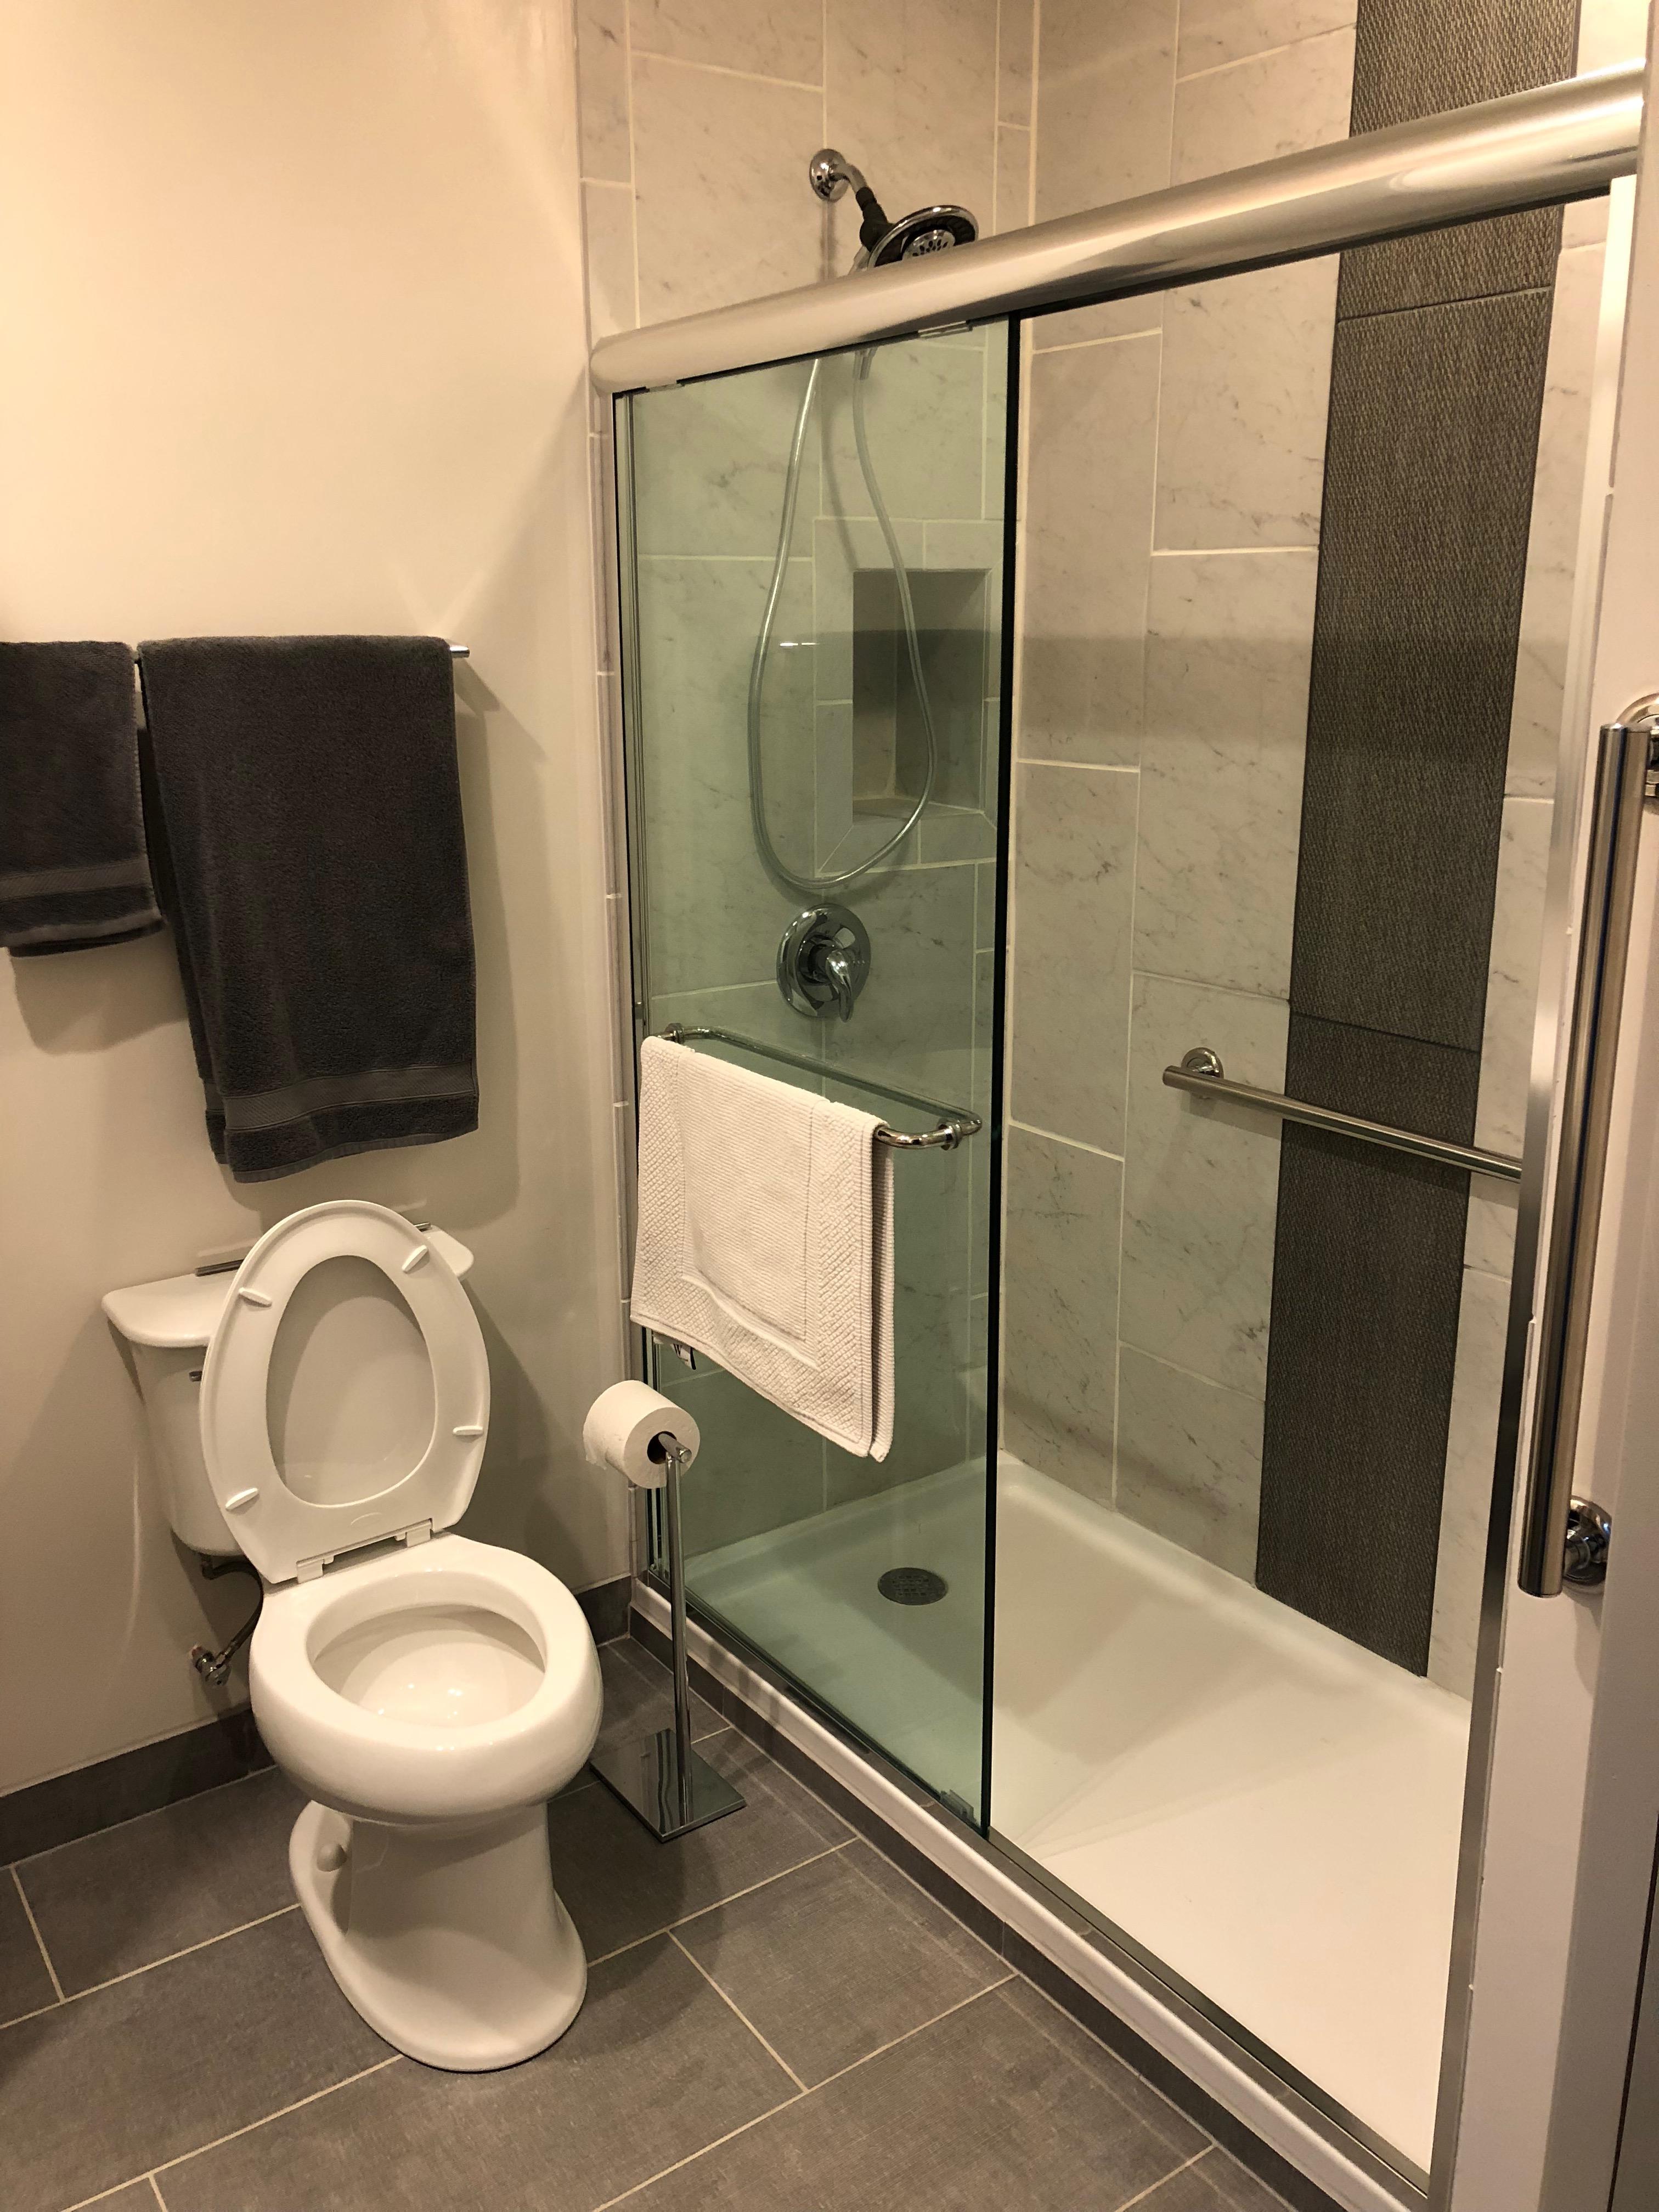 Guest_Suite_Restroom_Shower